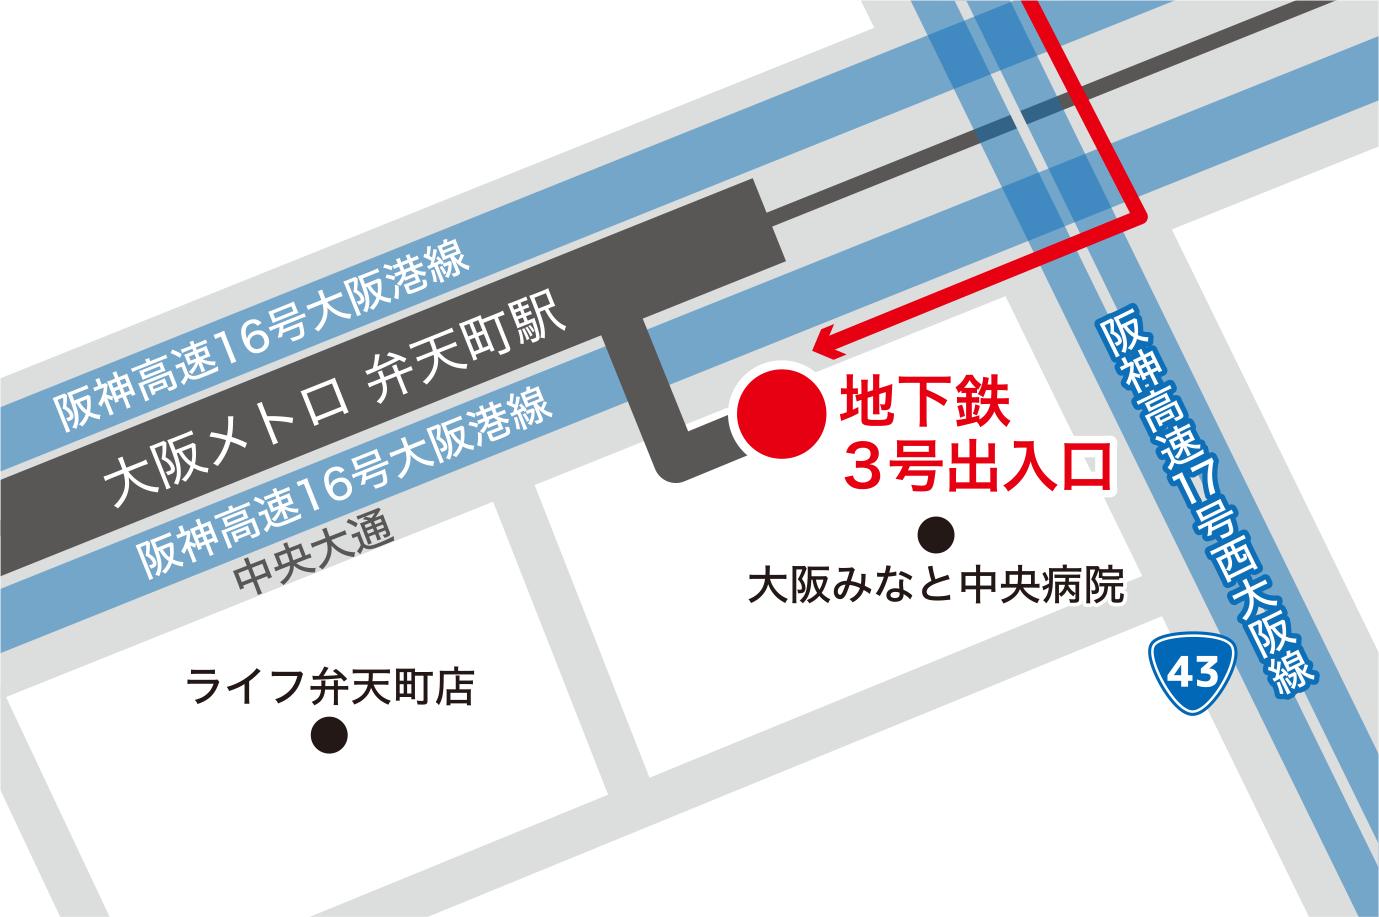 弁天 町 から 大阪 駅